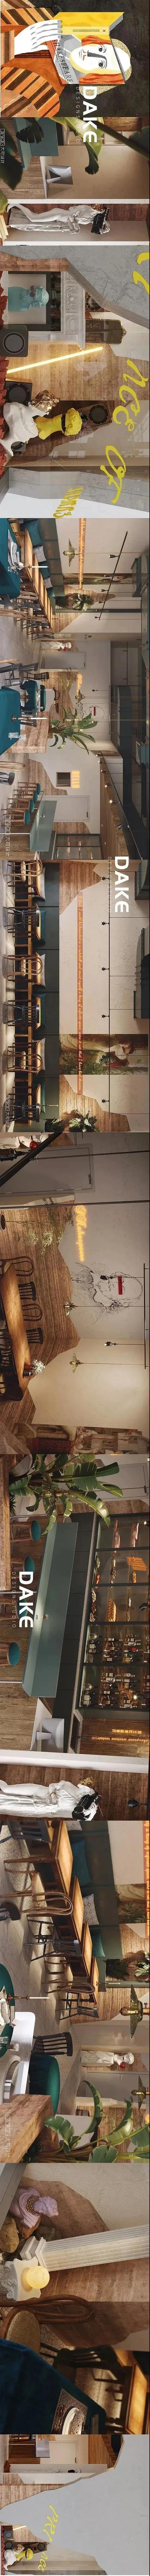 沙士比亚餐厅